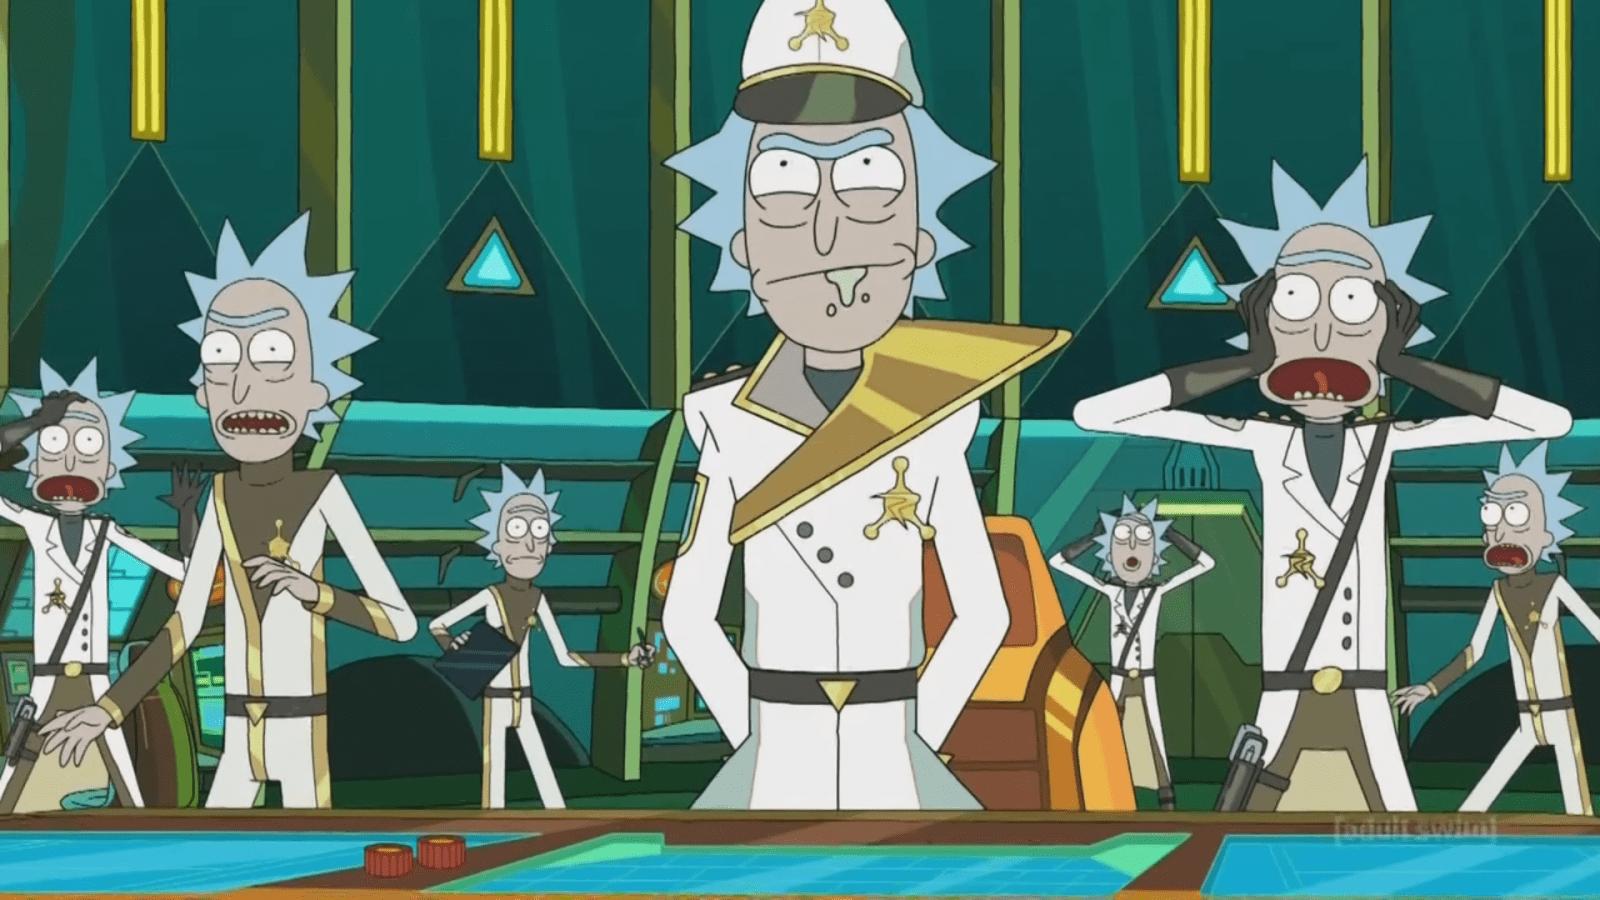 Rick And Morty Ricks Personajes De Rick Y Morty Rick Y Morty Rick Y